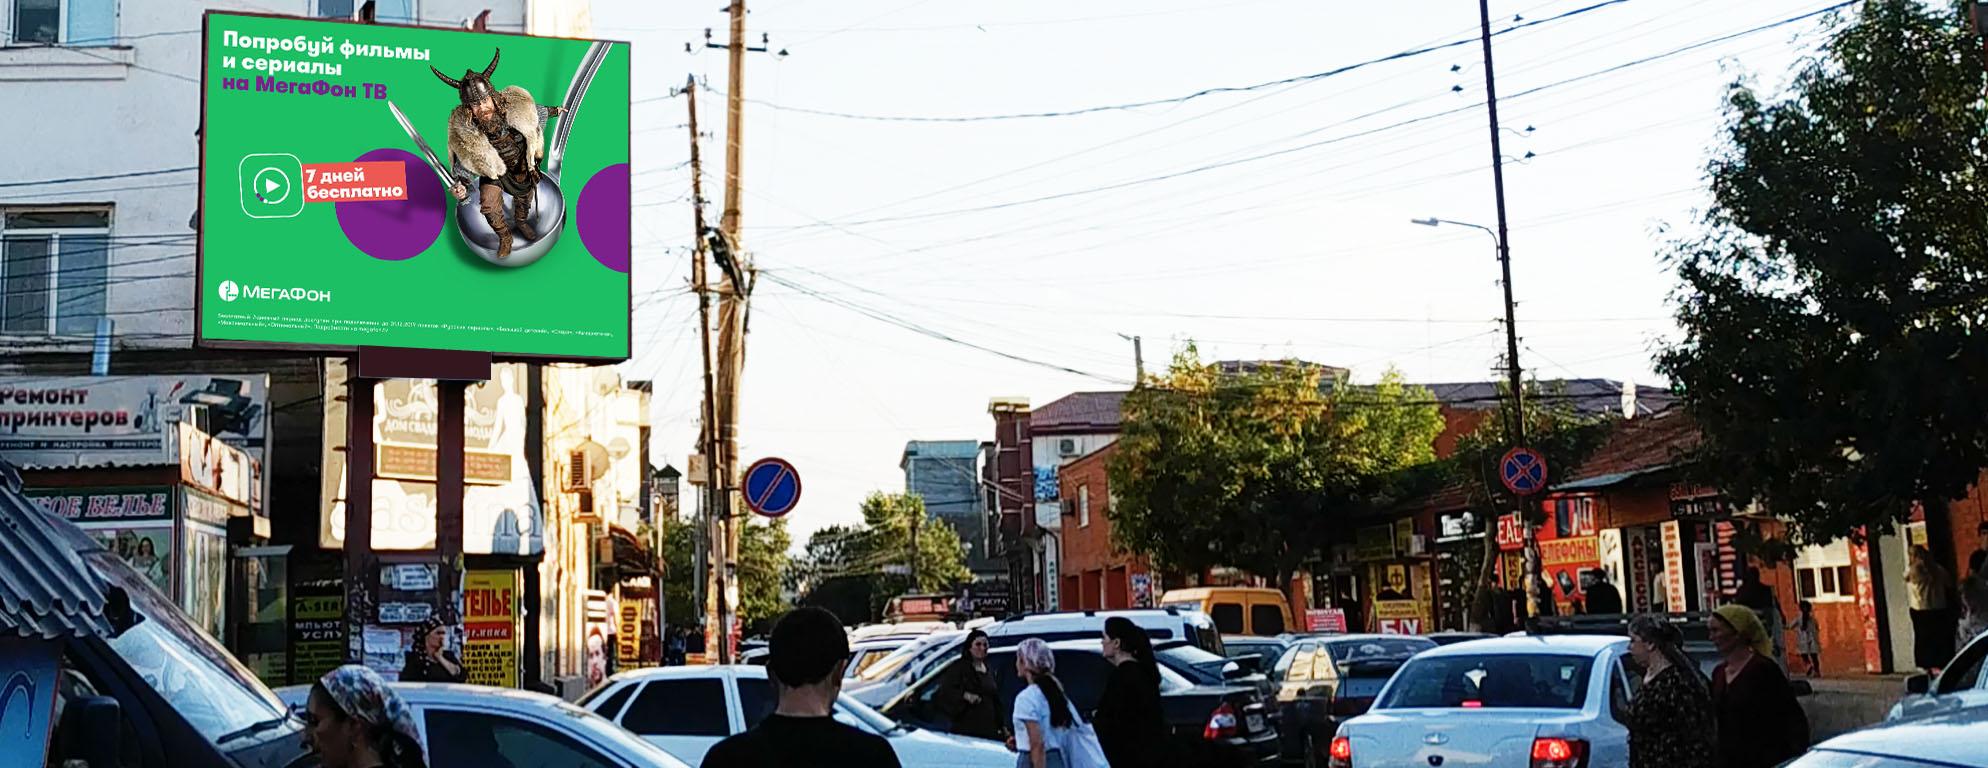 Наружная реклама на LED мониторах в Хасавюрте. Дагестан